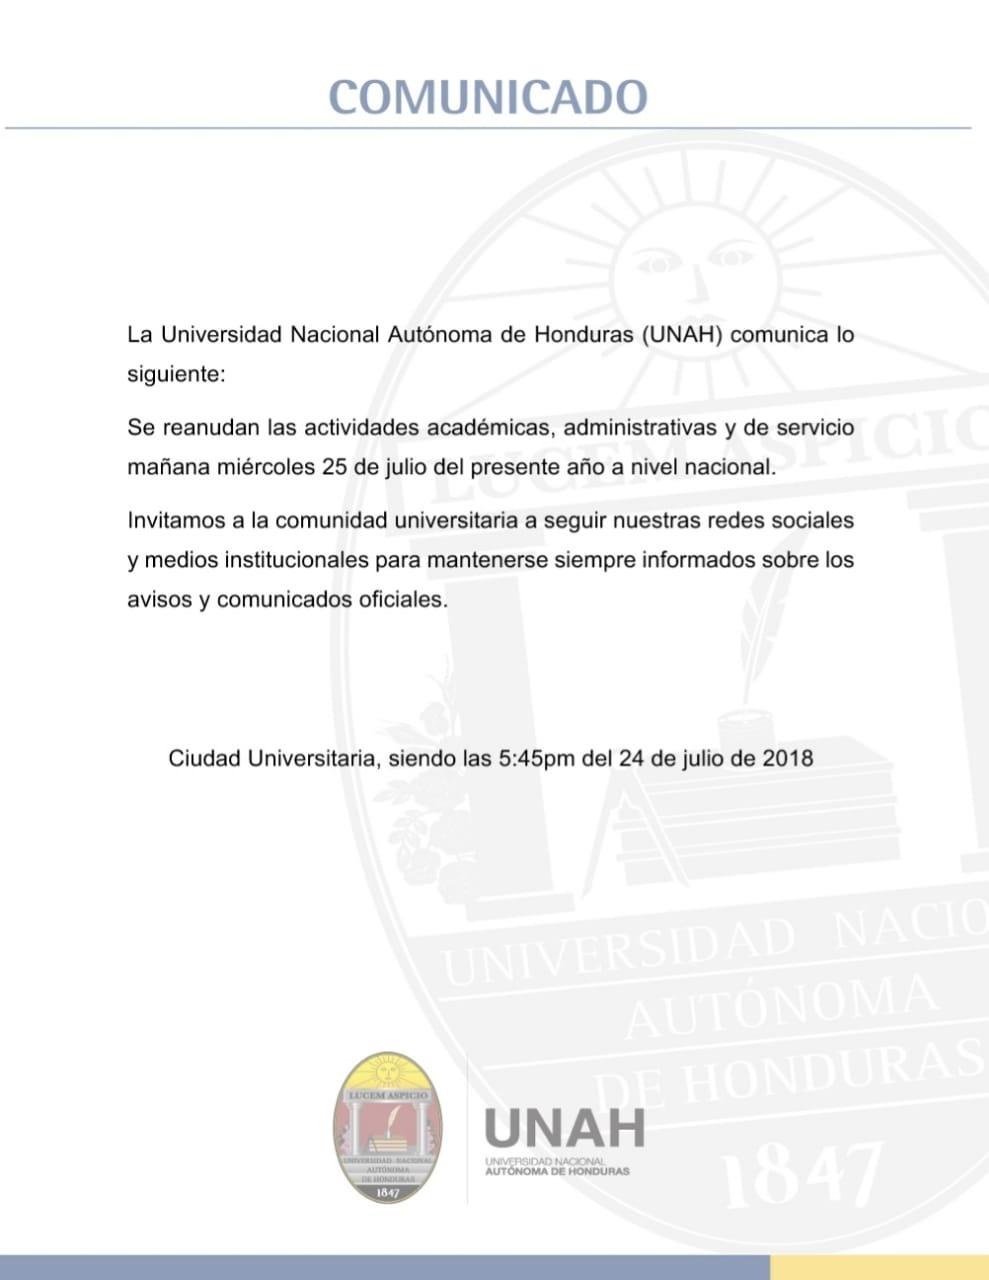 UNAH reanuda actividades el próximo 25 de julio | HCH.TV